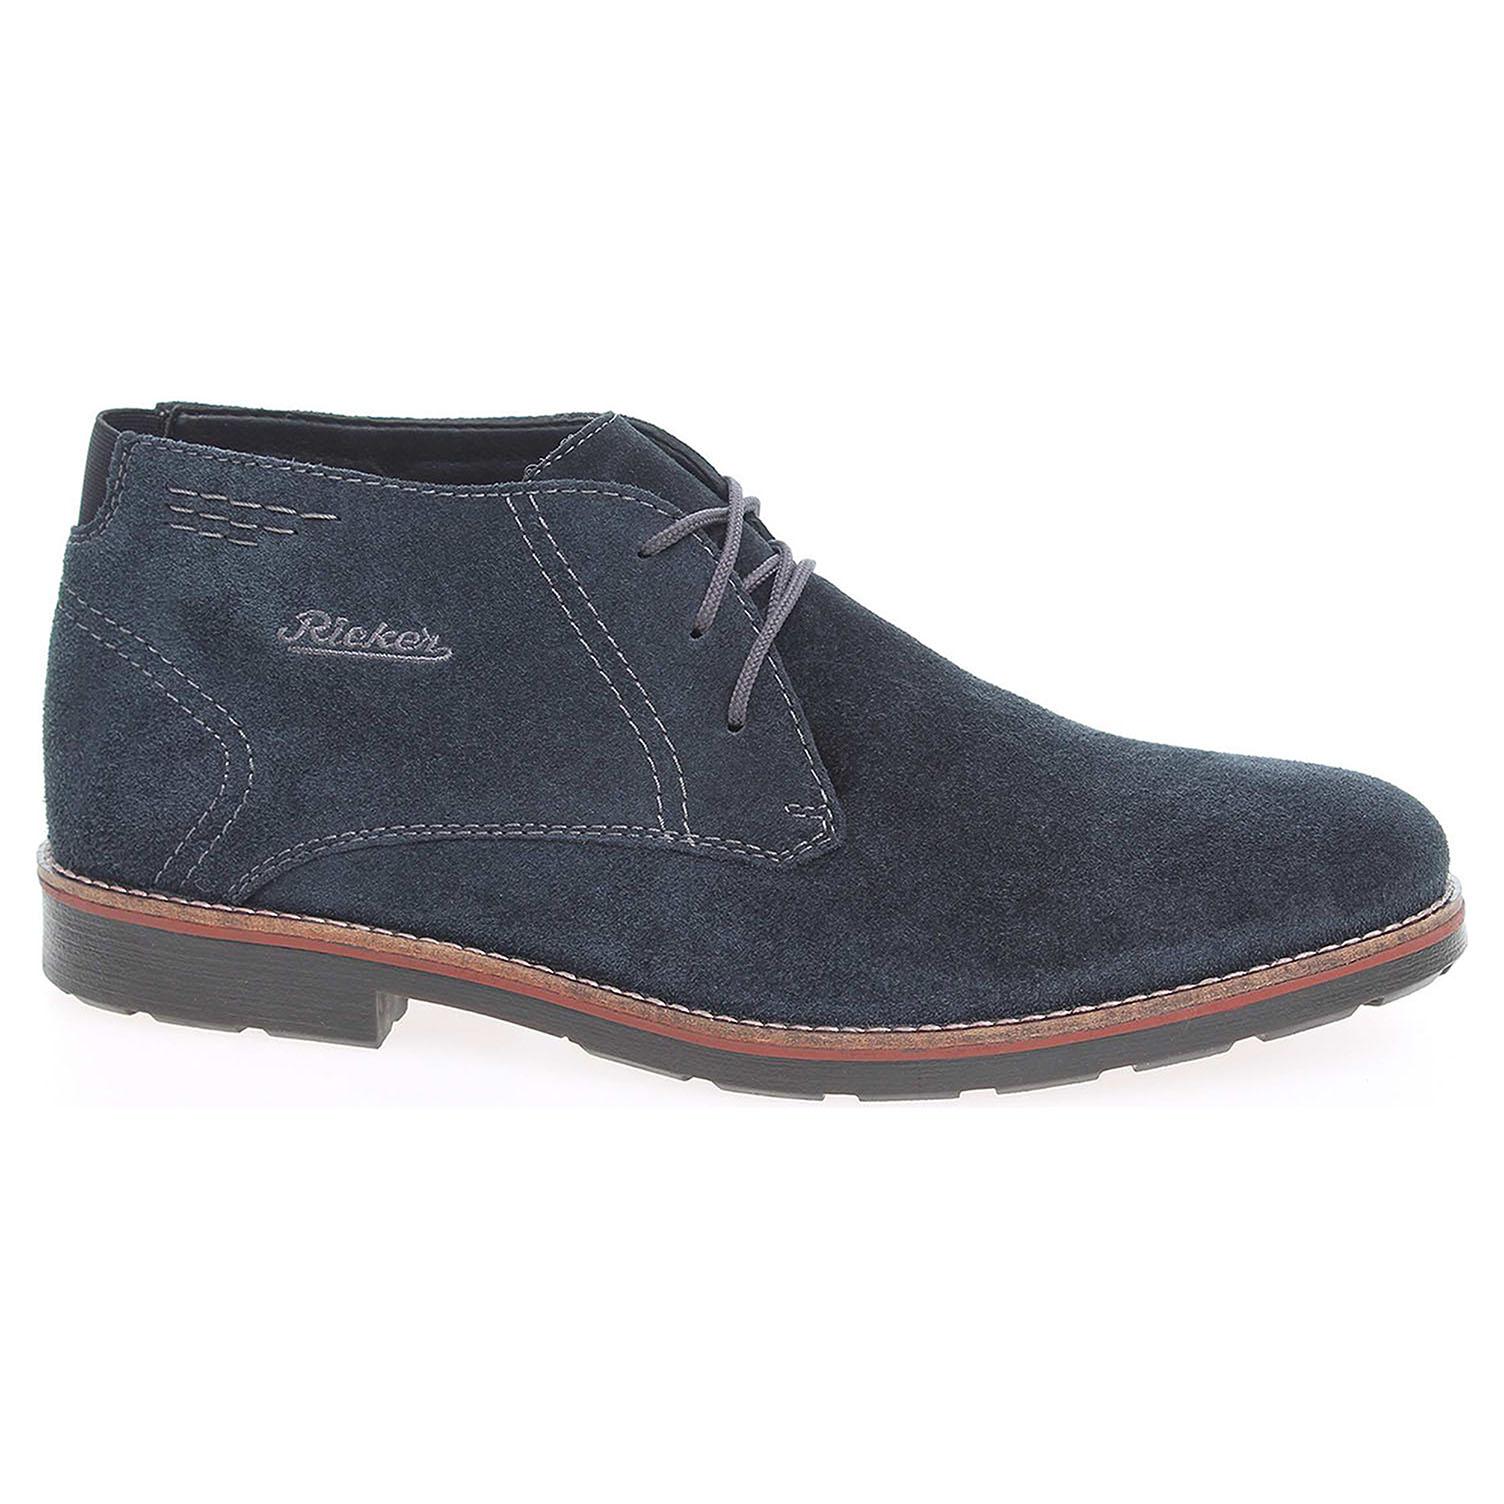 6b4436a776 Ecco Pánská kotníková obuv Rieker 35314-14 modré 24300465